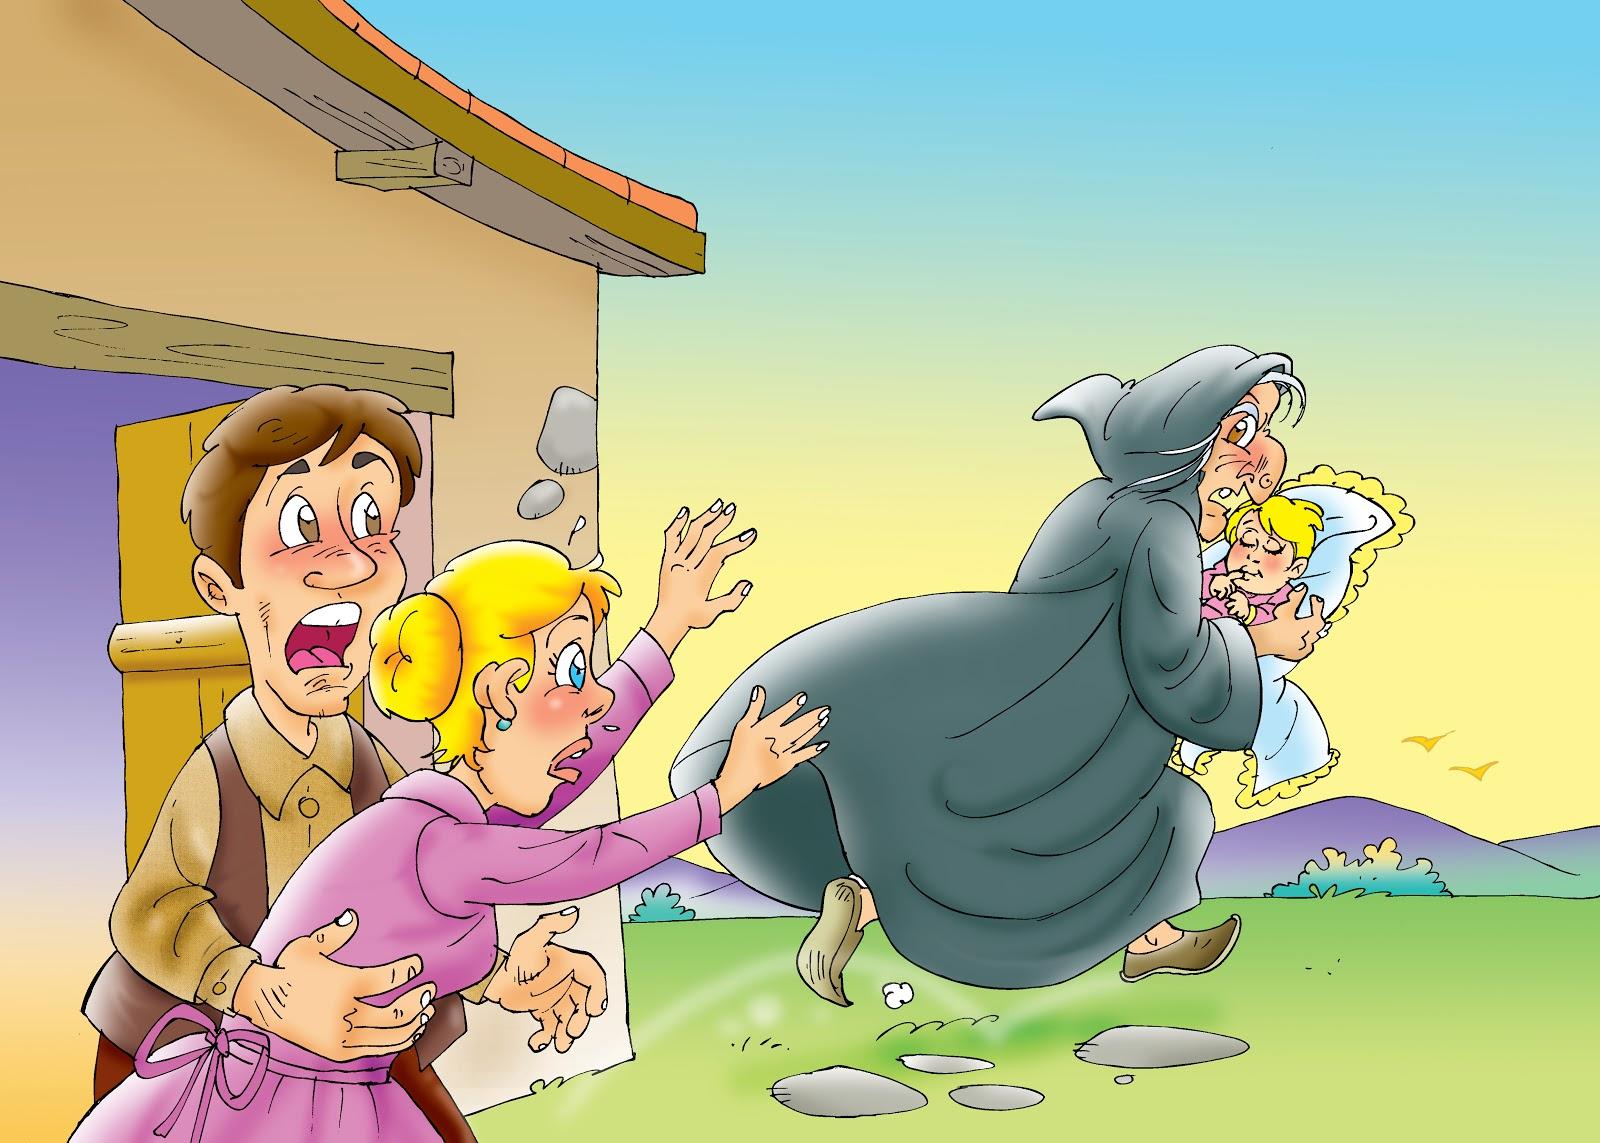 A women running away with a kid